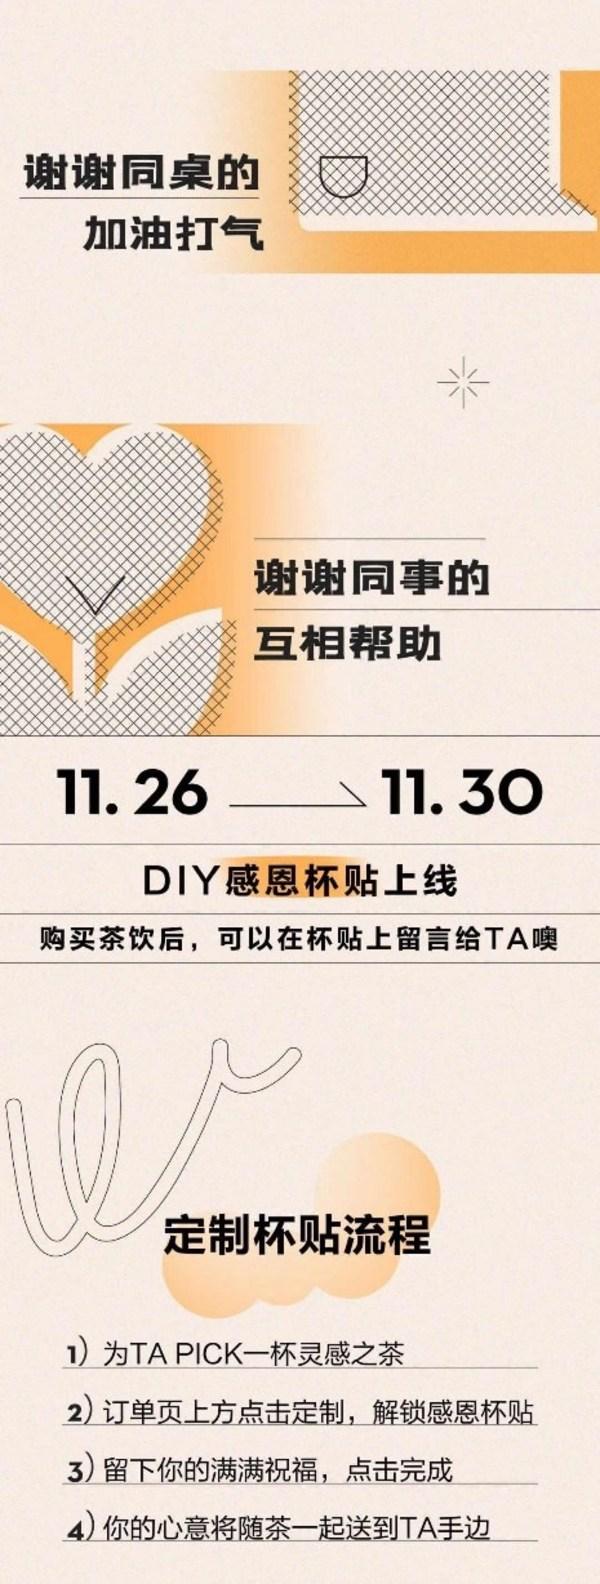 """喜茶GO小程序上线""""定制杯贴""""功能  2万人送出暖心喜茶"""